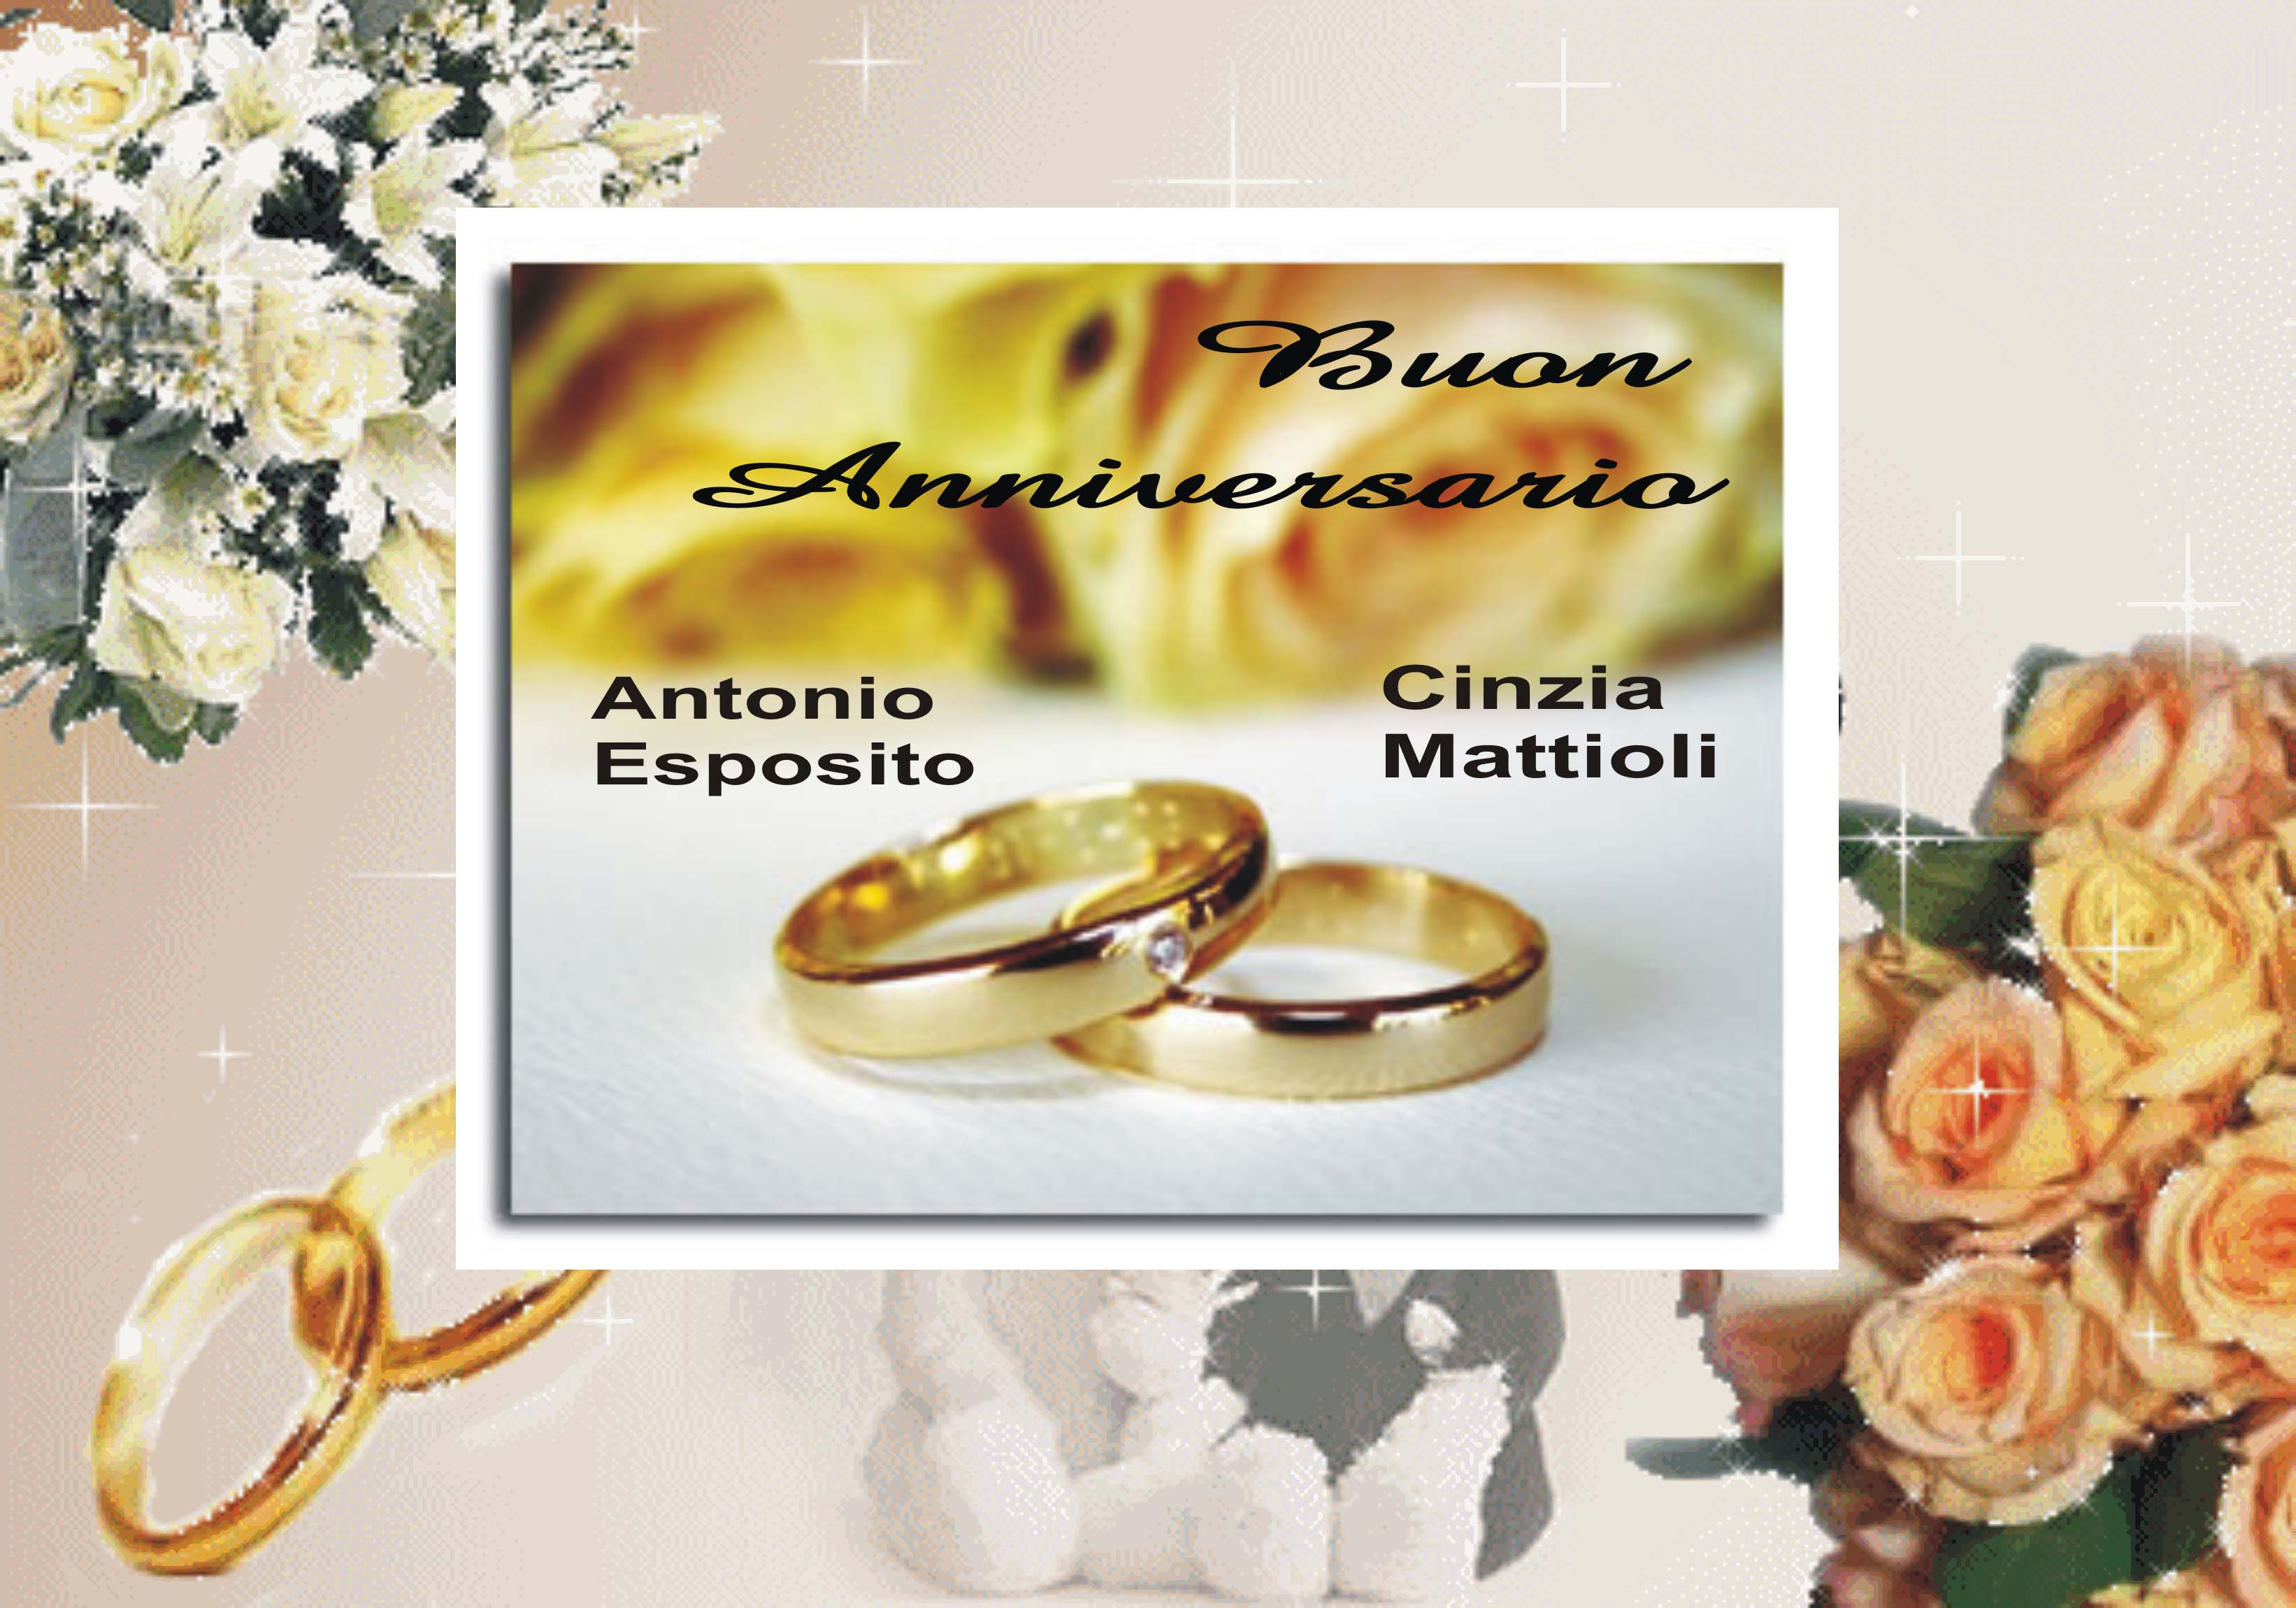 Favoloso Anniversario 17 Anni Di Matrimonio ~ Idee Creative e Innovative  SW04